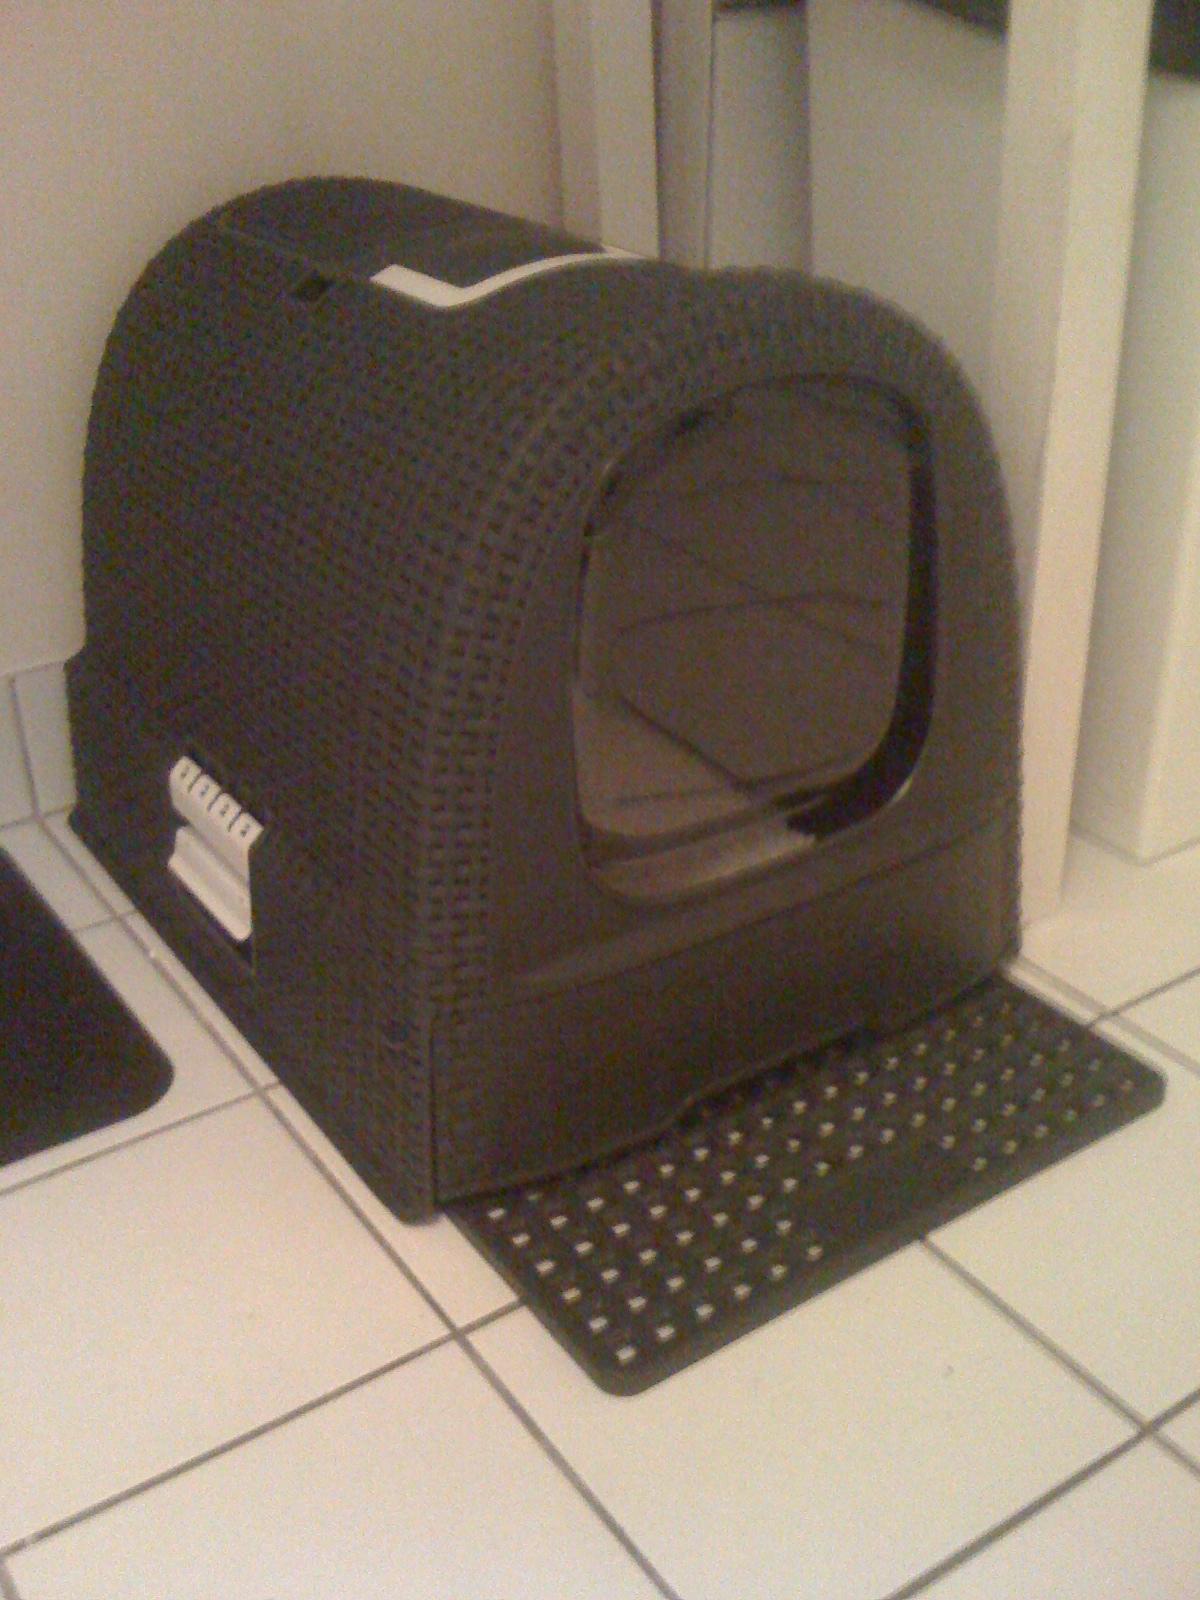 Une maison de toilette design pour mon chat  Rennes des bons plans  tous les bons plans